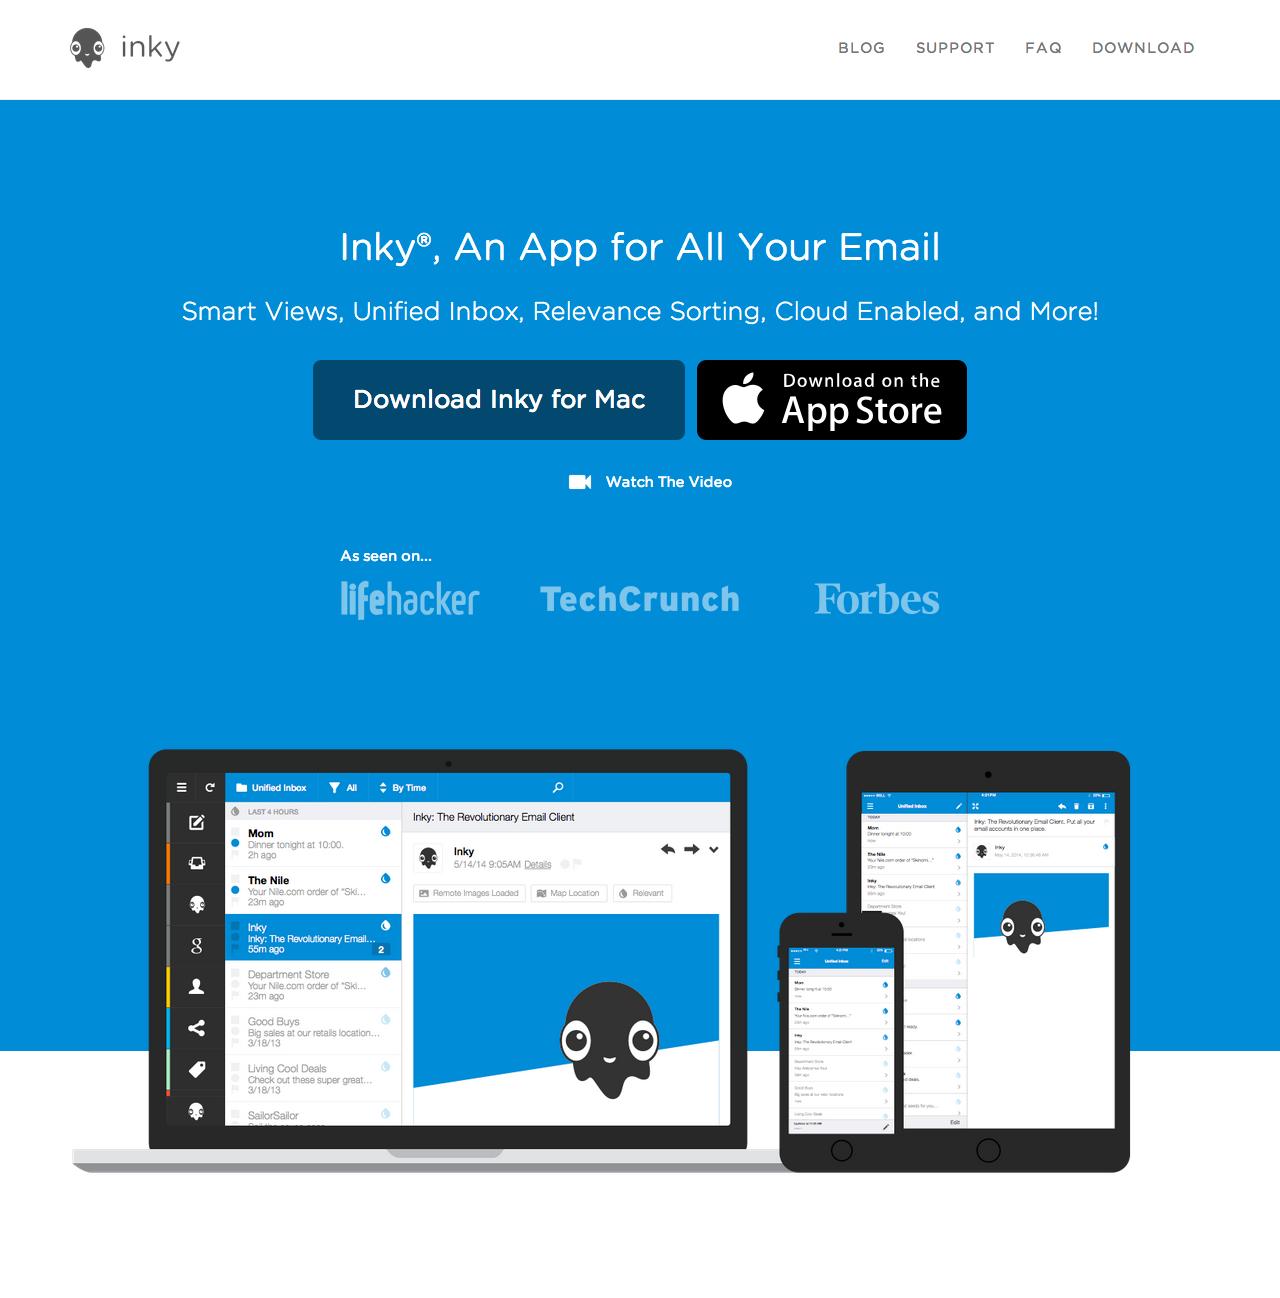 Inky.com Home Page